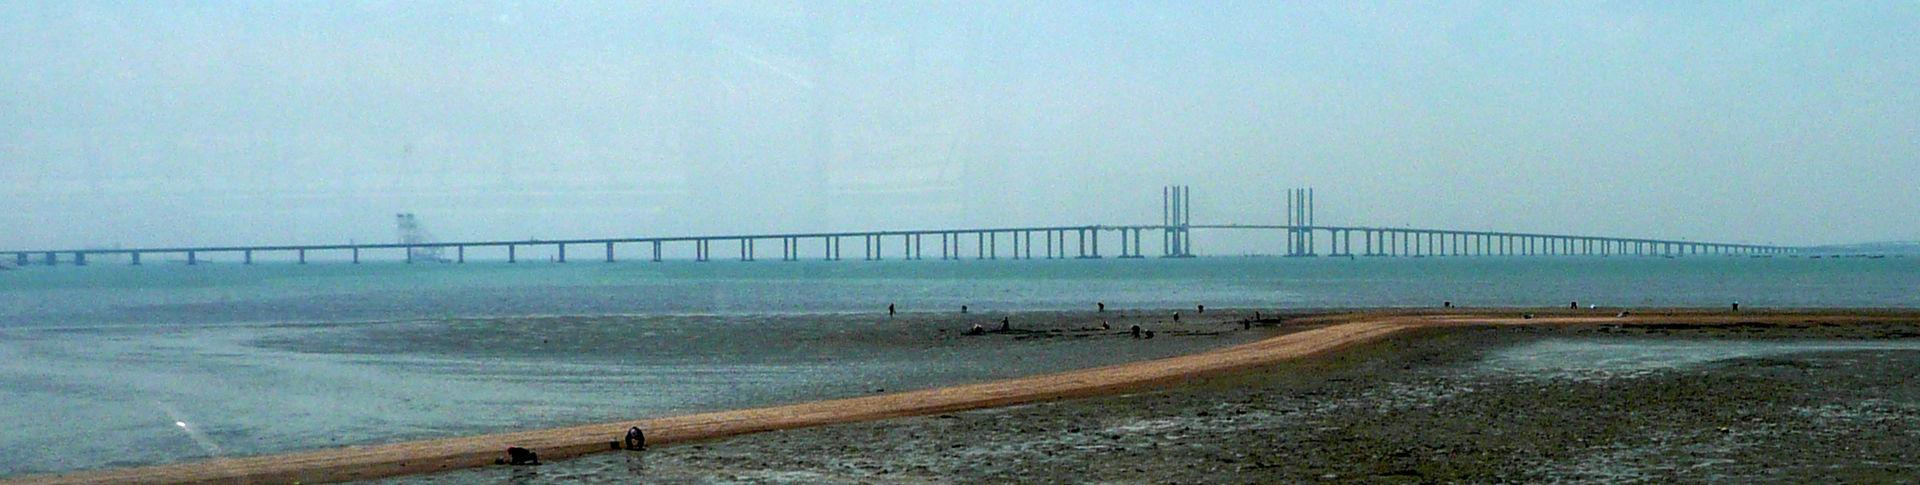 Qingdao Haiwan